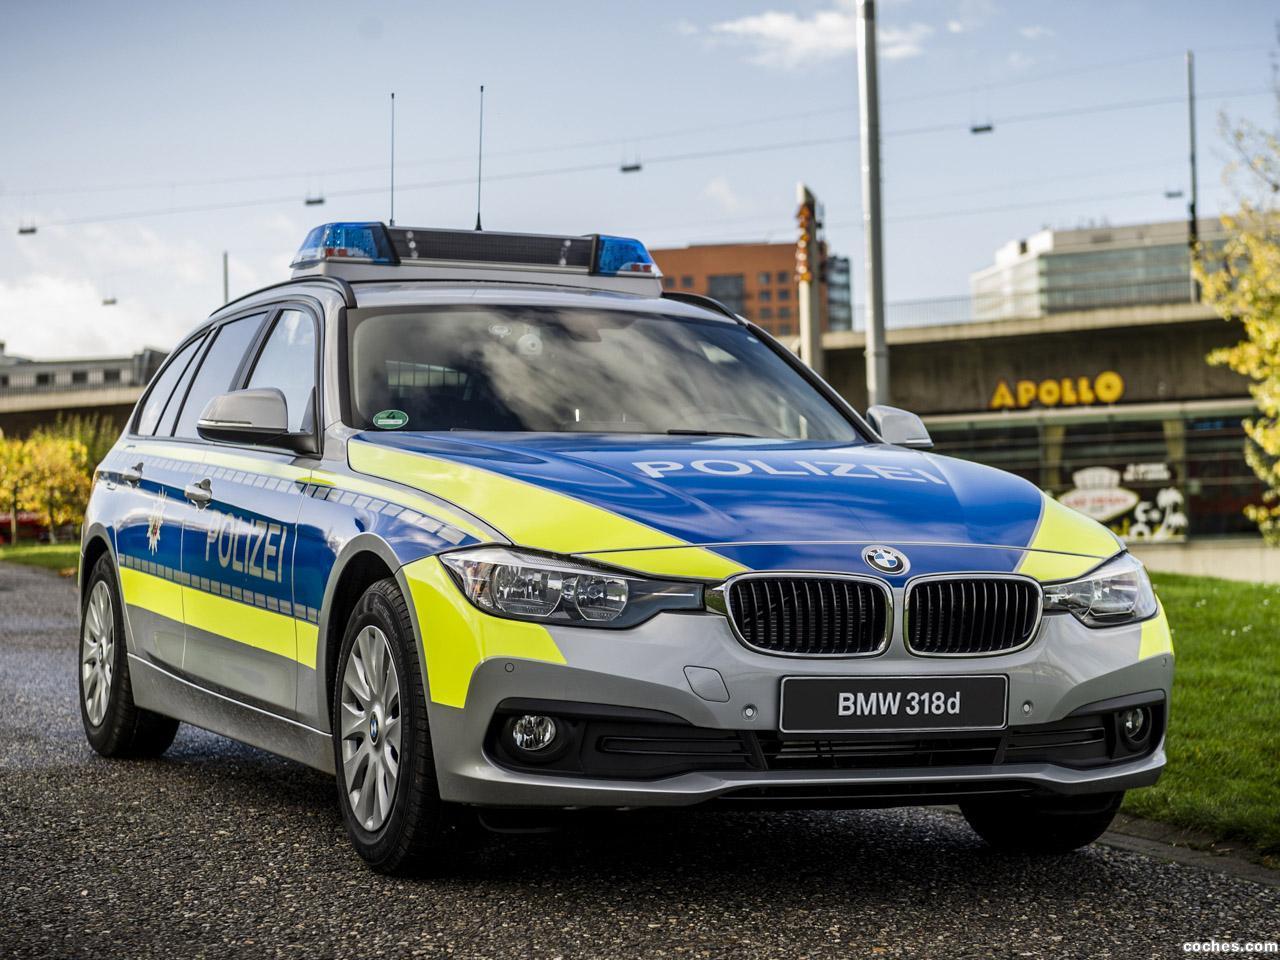 Foto 0 de BMW Serie 3 Touring 318d xDrive Polizei F31 2016